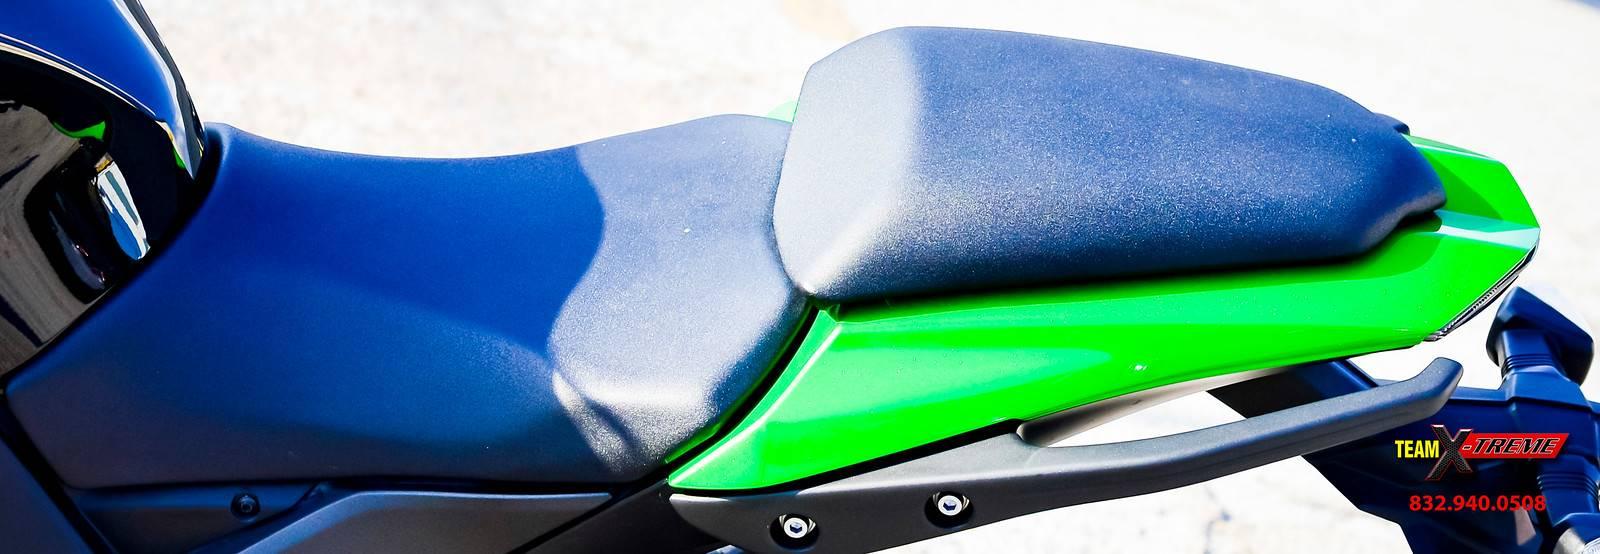 2015 Kawasaki Z1000 ABS 10